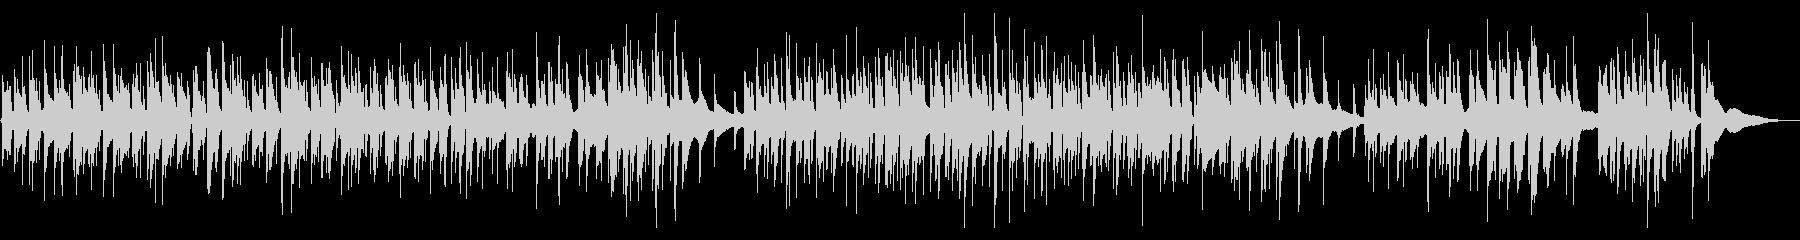 ベースでジャズYouTube系ほのぼのの未再生の波形